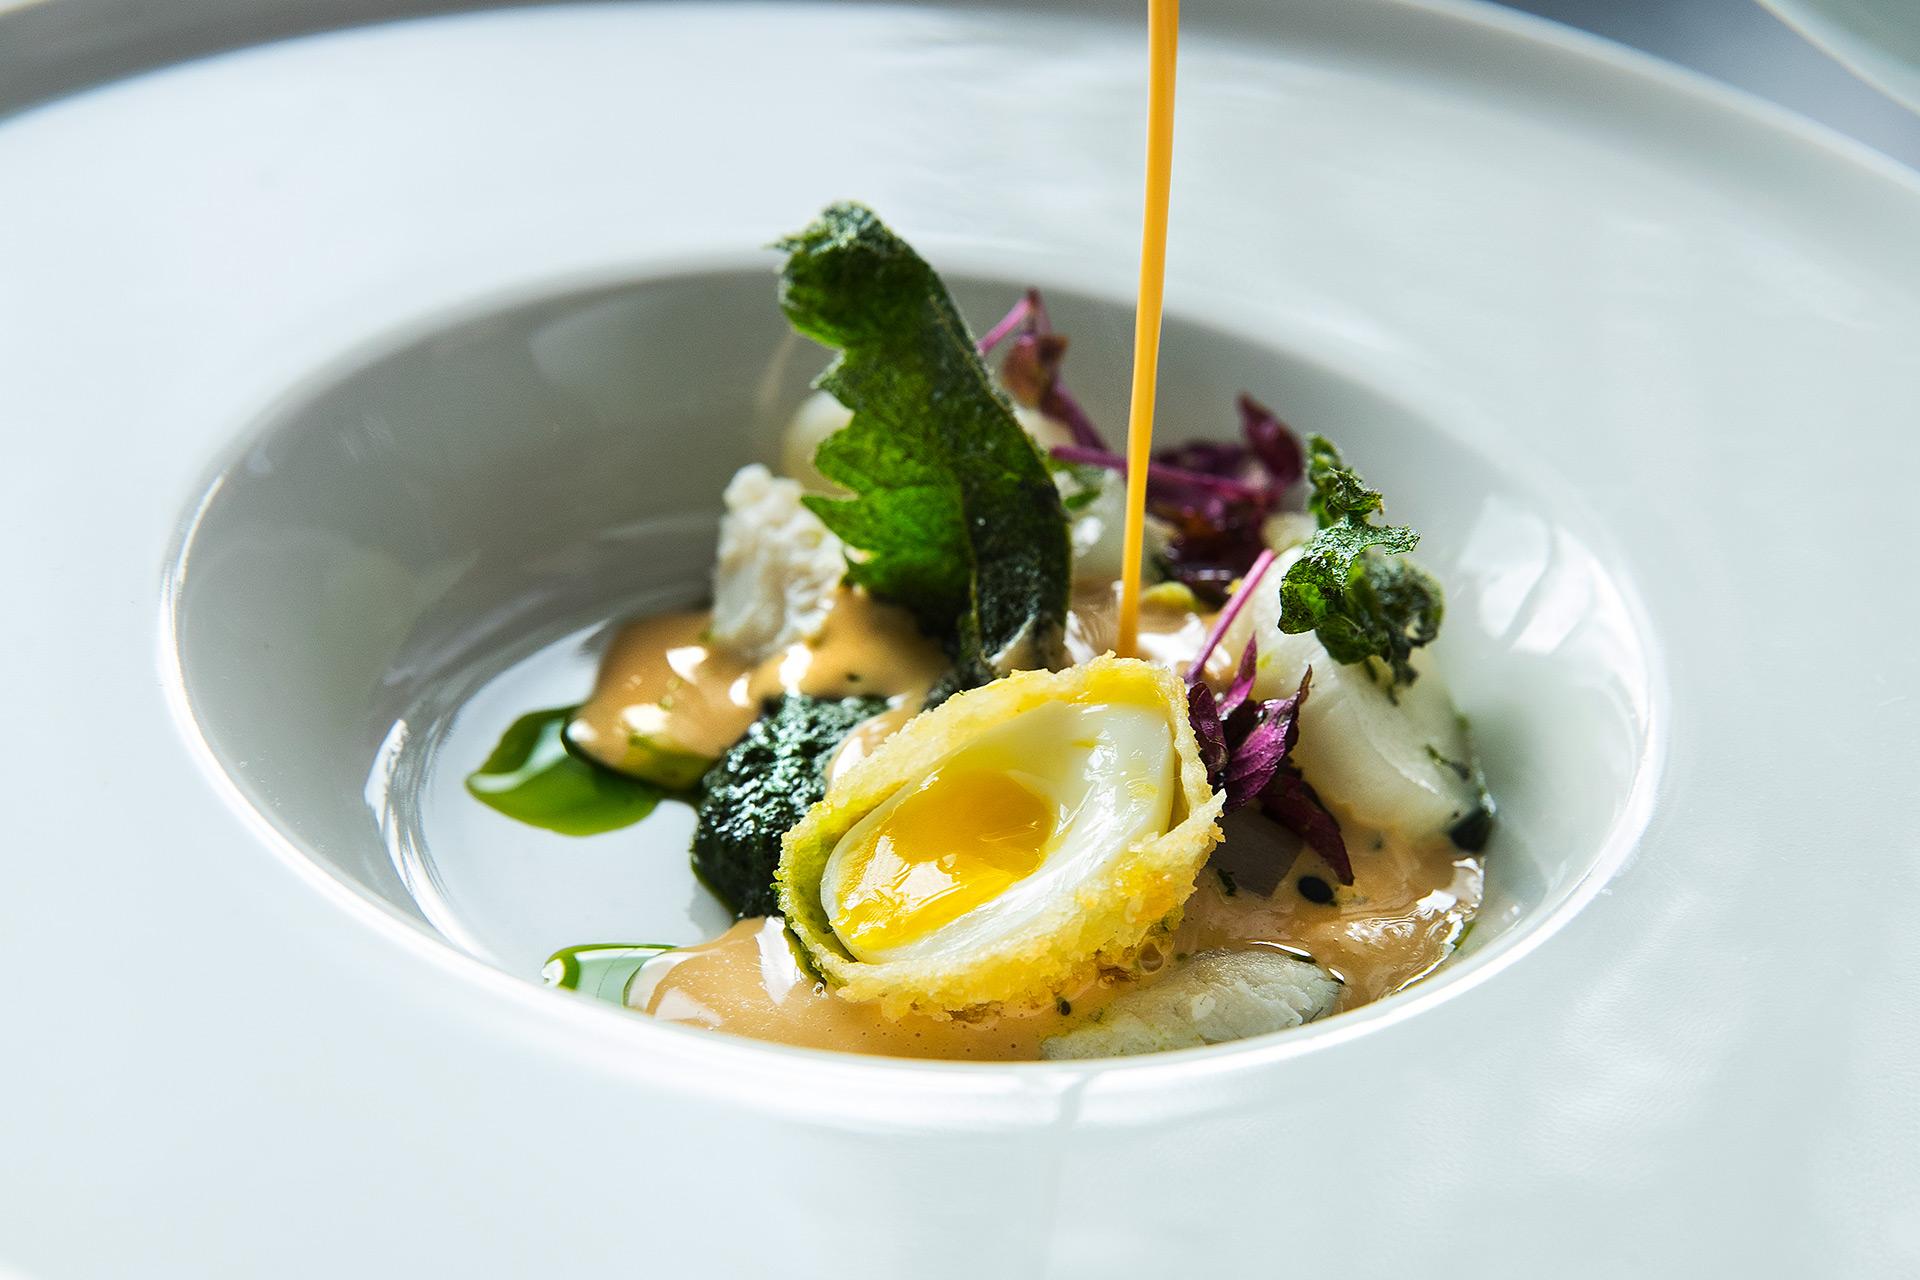 Uppläggning av mat från White Guide restaurangen Pråmen. Fotoa: Pressbild